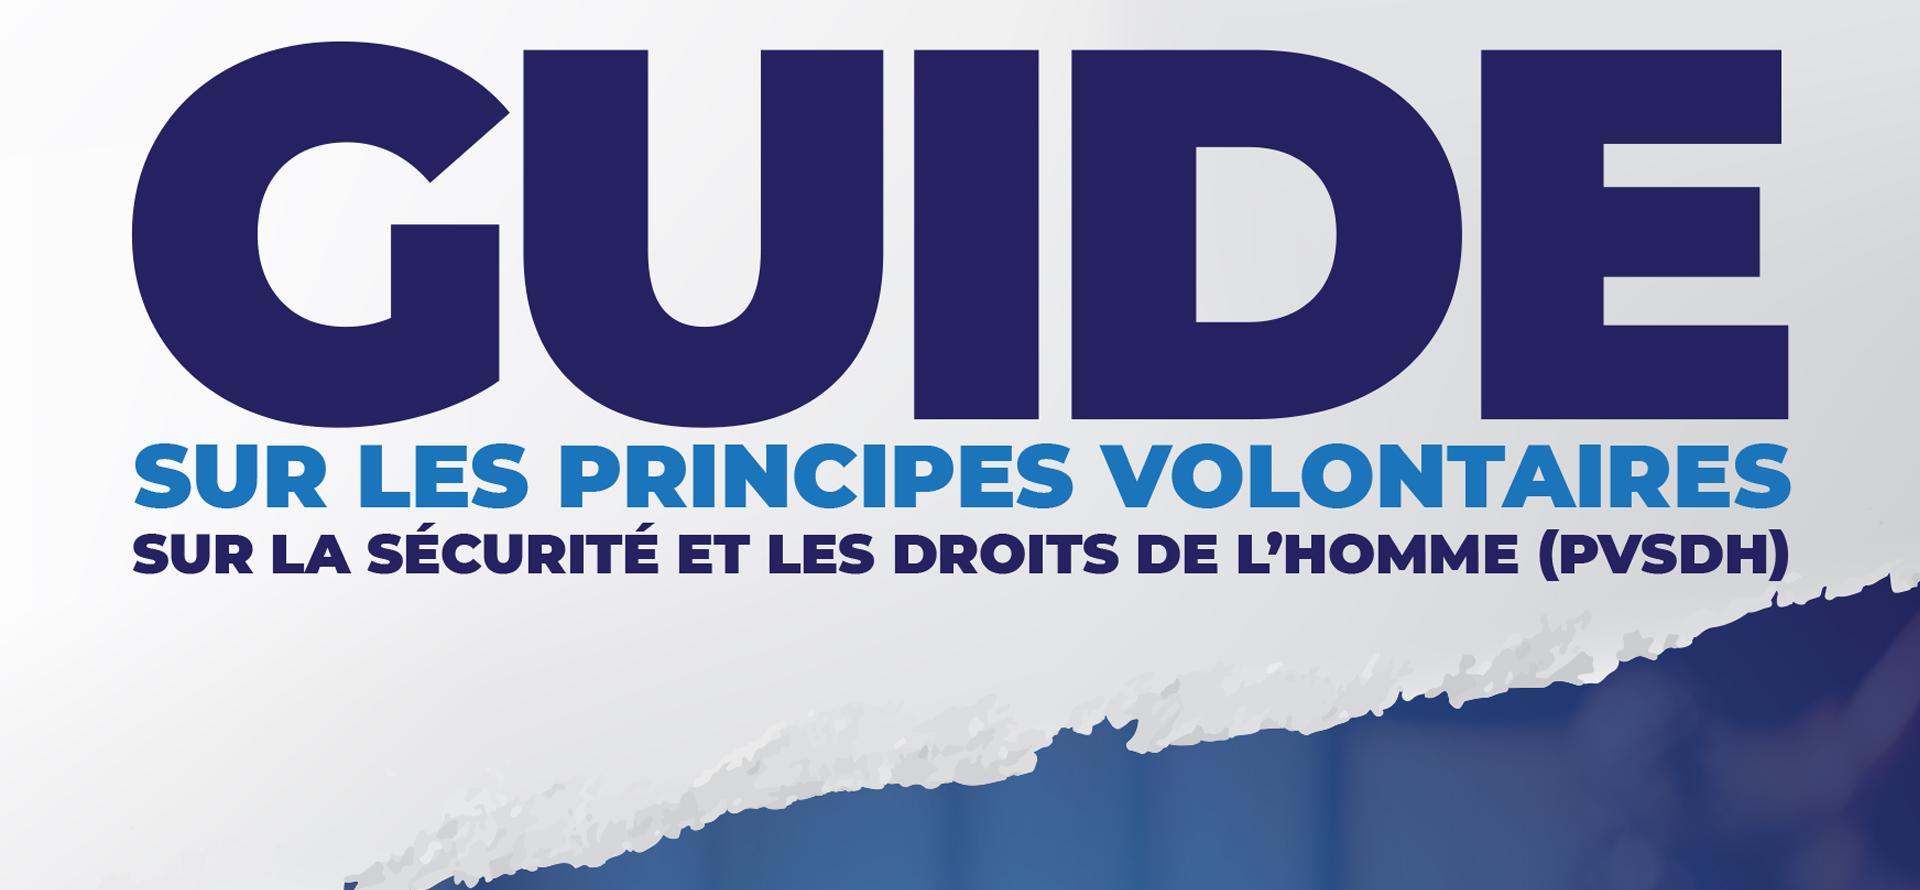 Guide sur les Principes Volontaires sur la Sécurité et les Droits de l'Homme